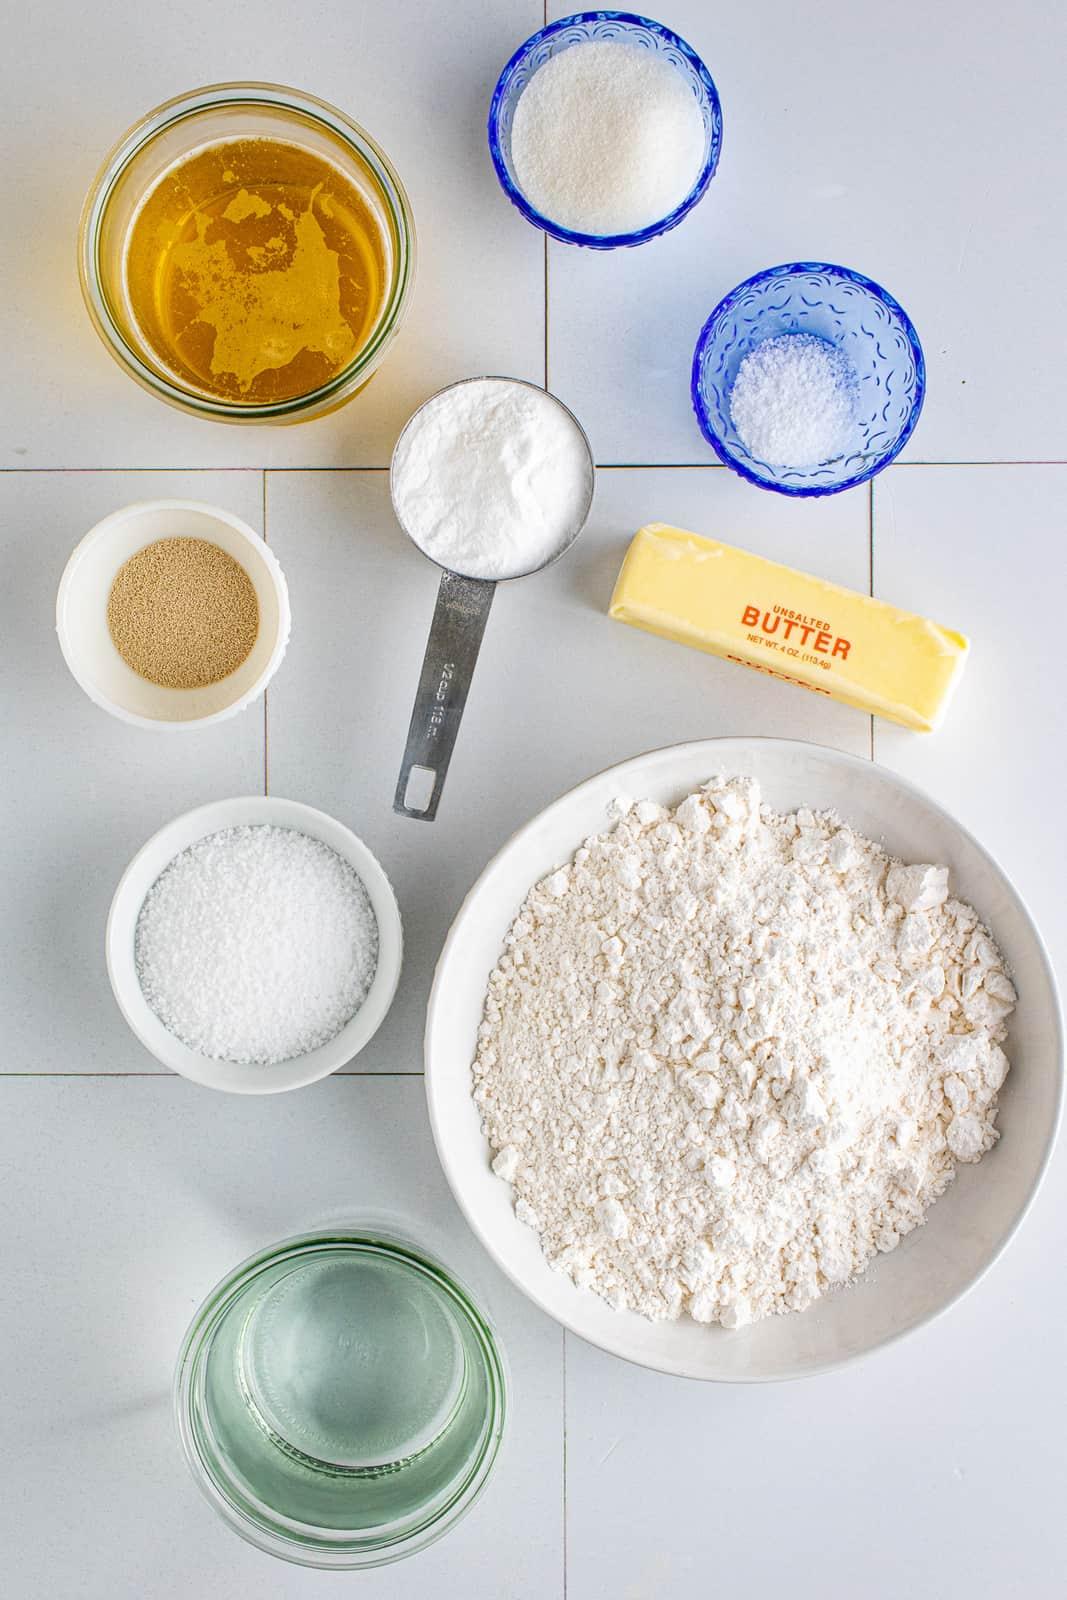 Ingredients needed to make Soft Pretzels